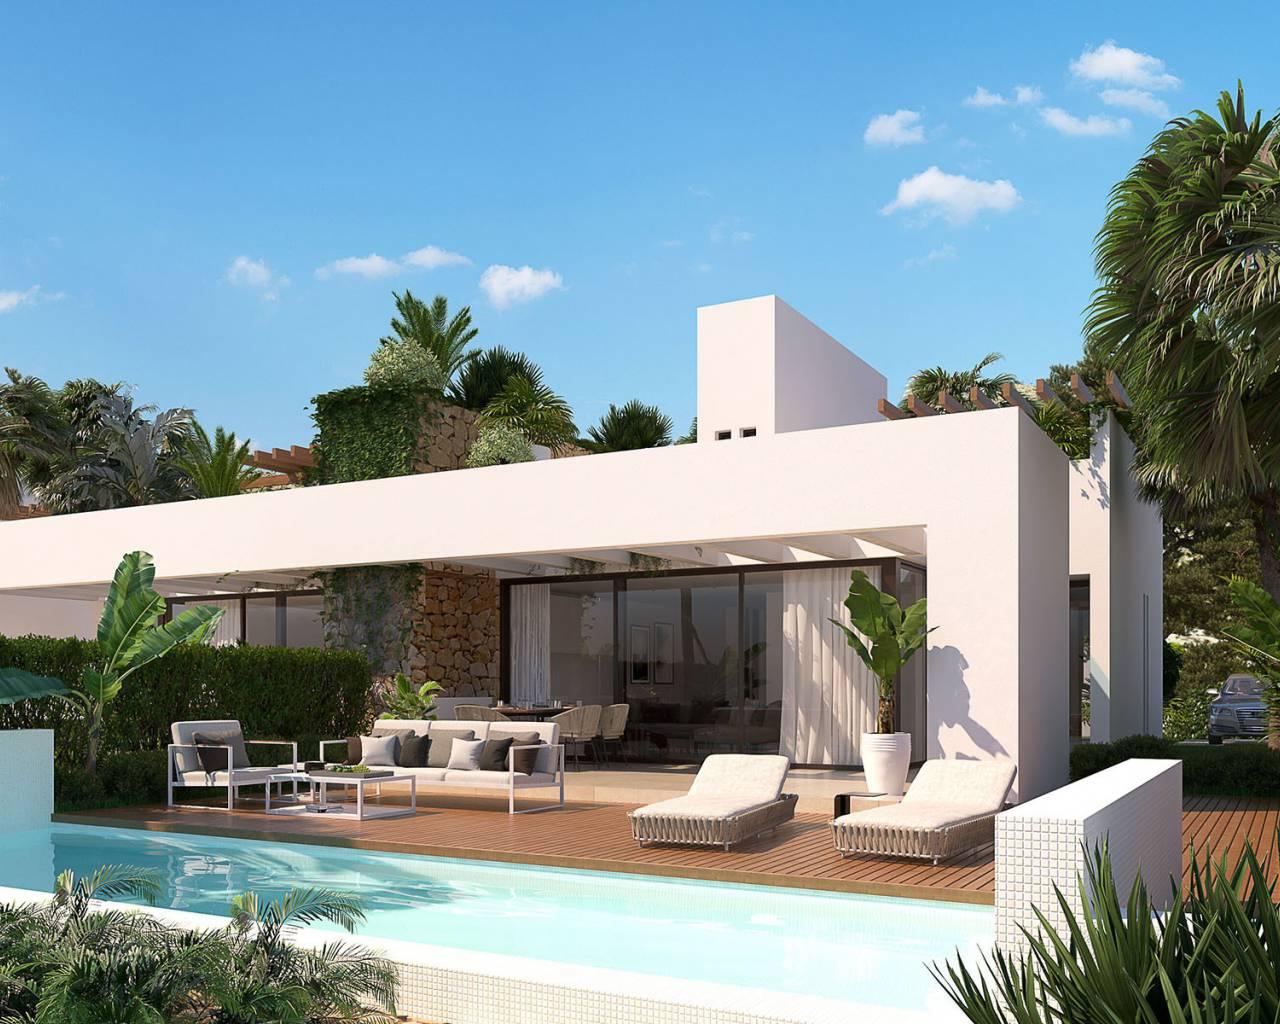 nieuwbouw-half-vrijstaande-villa-montforte-del-cid-font-del-llop_3179_xl